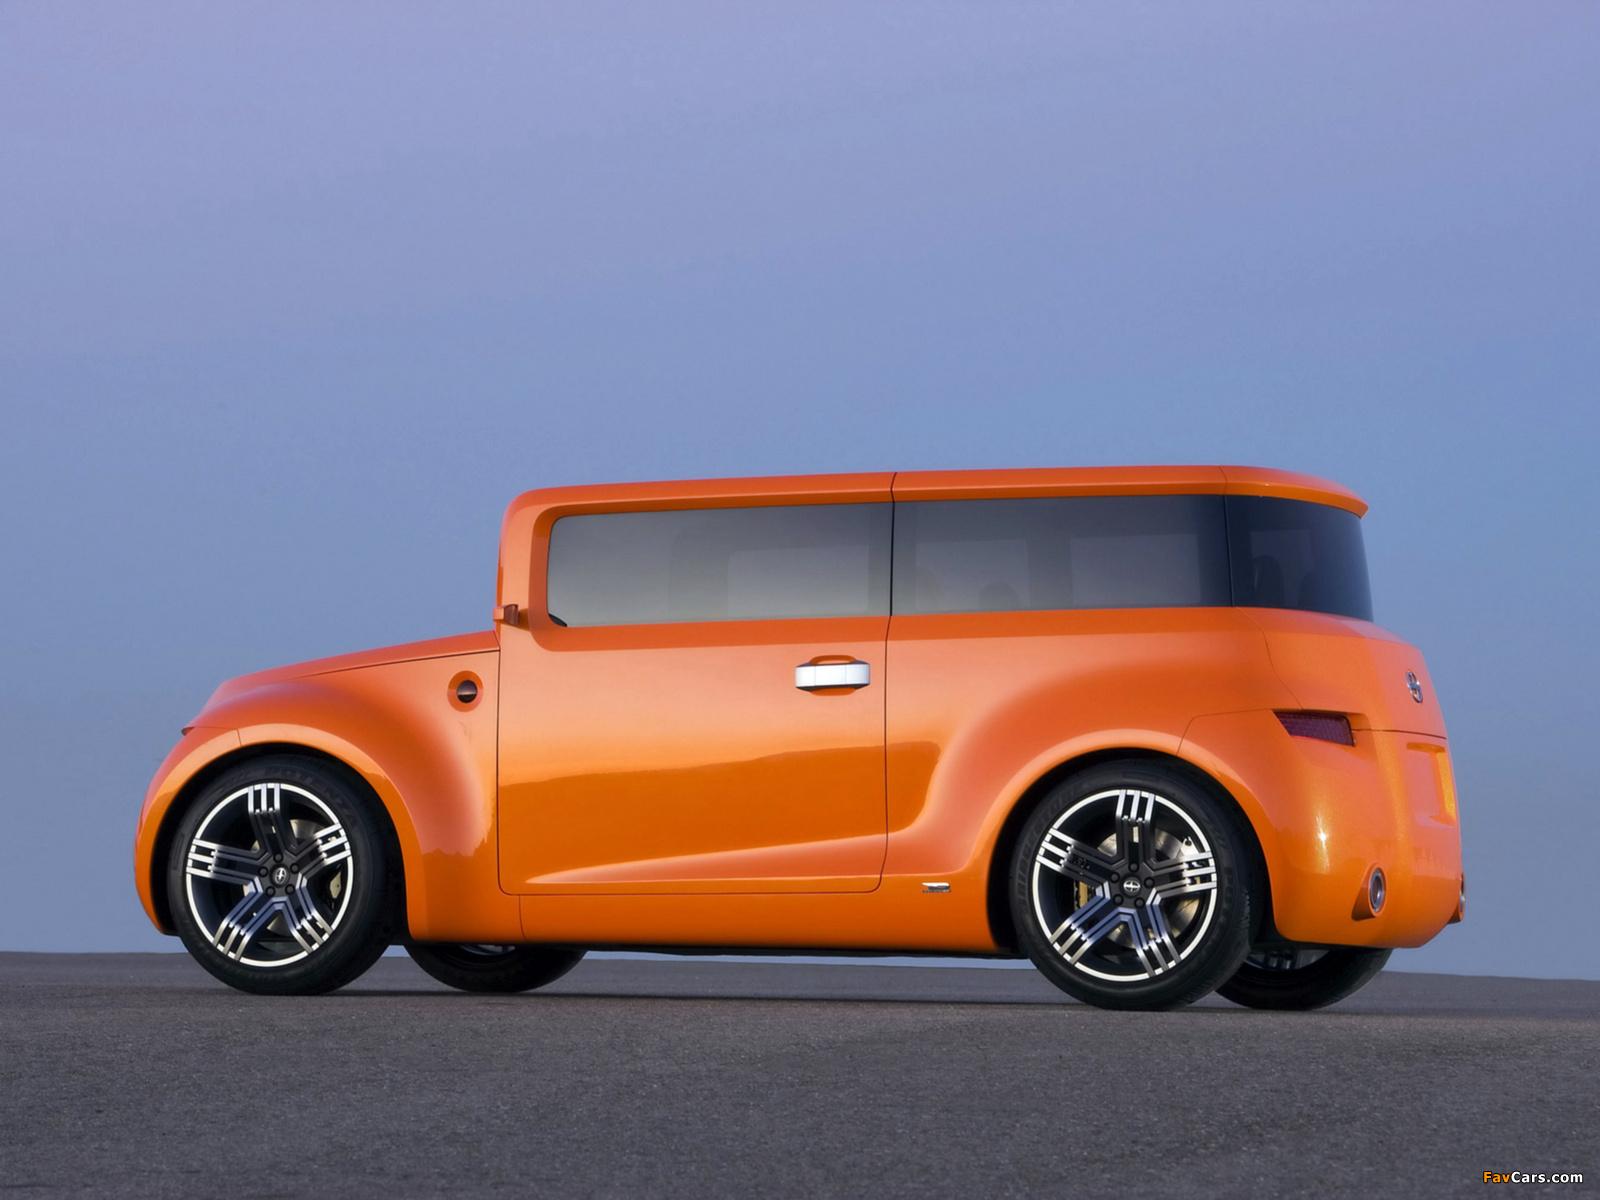 Scion Hako Coupe Concept 2008 images (1600 x 1200)